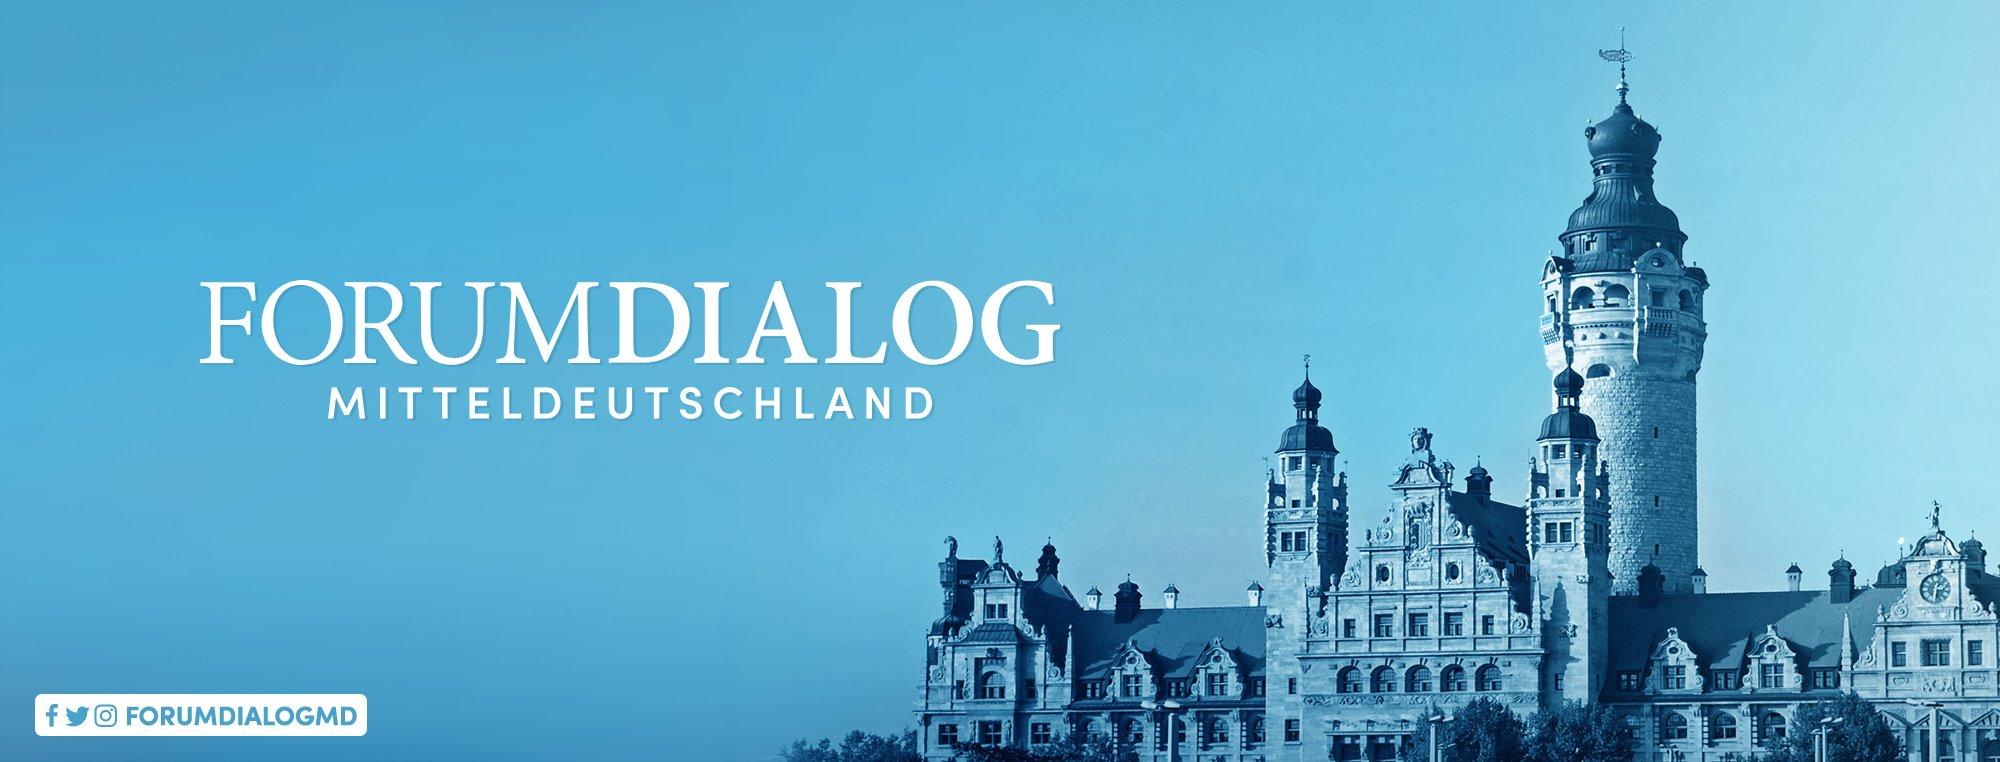 forum dialog mitteldeutschland banner